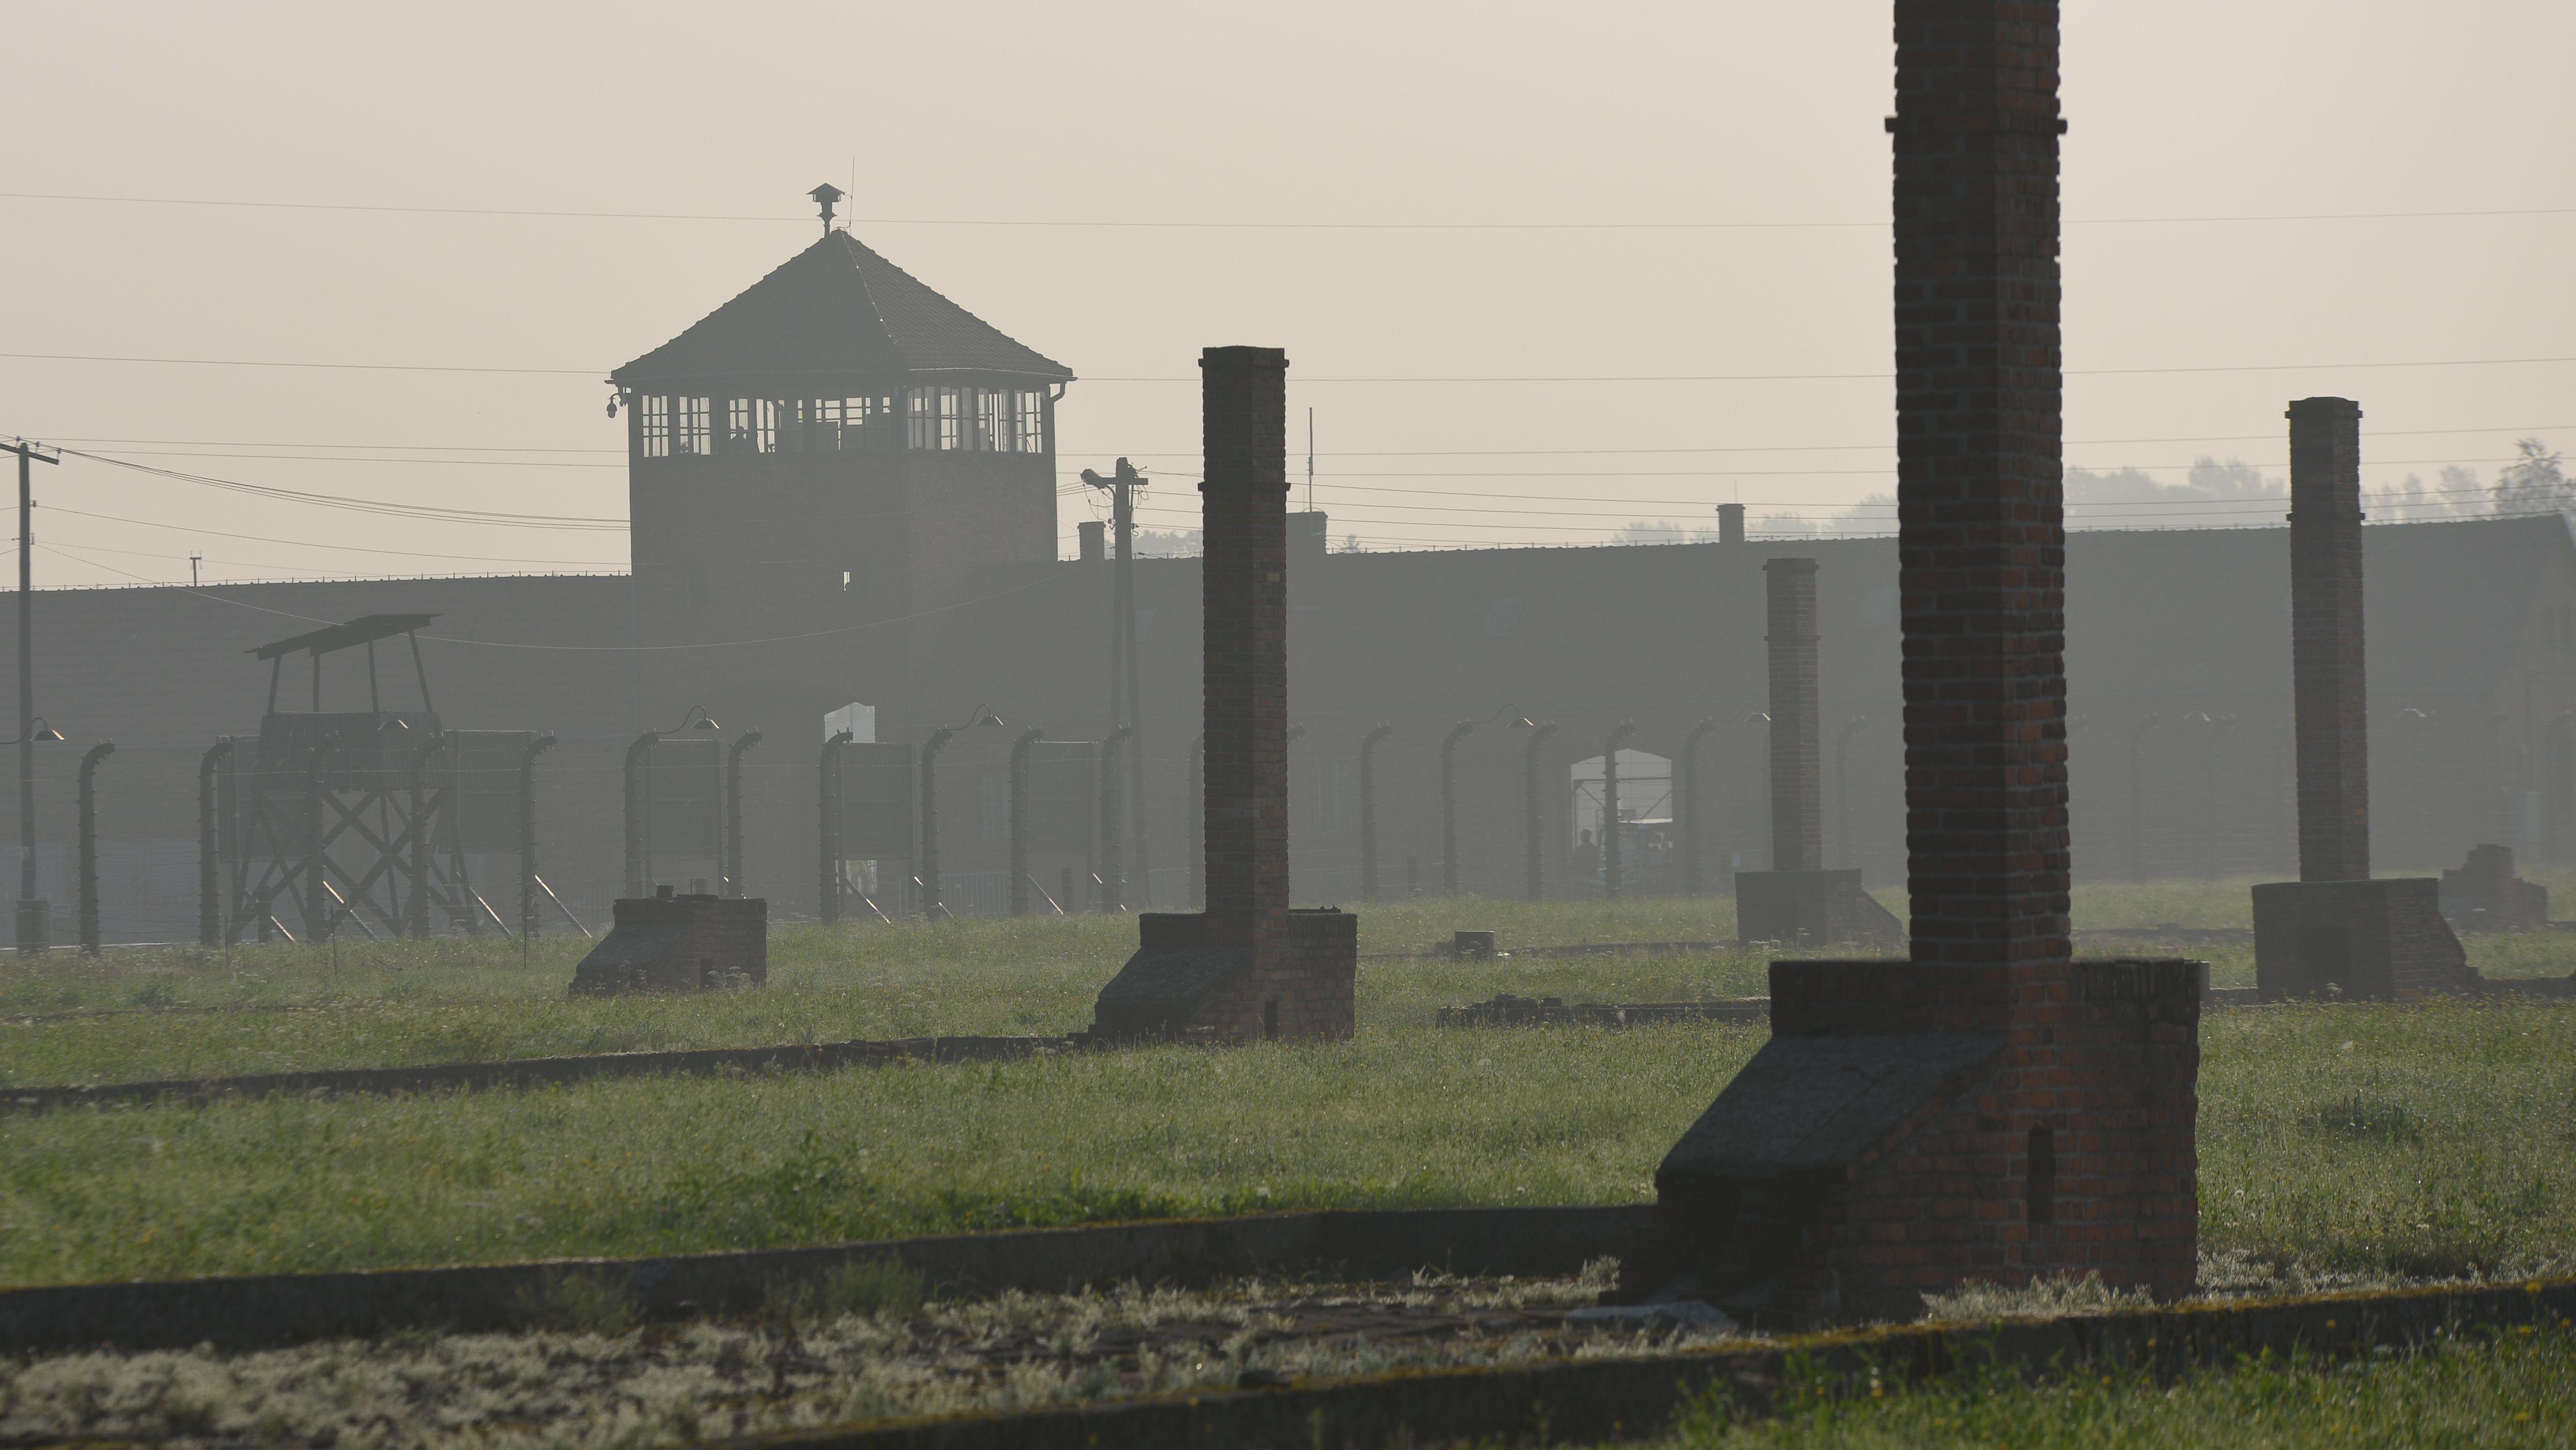 Mauern, Zäune und ein Wachturm im ehemaligen Vernichtungslager Auschwitz-Birkenau